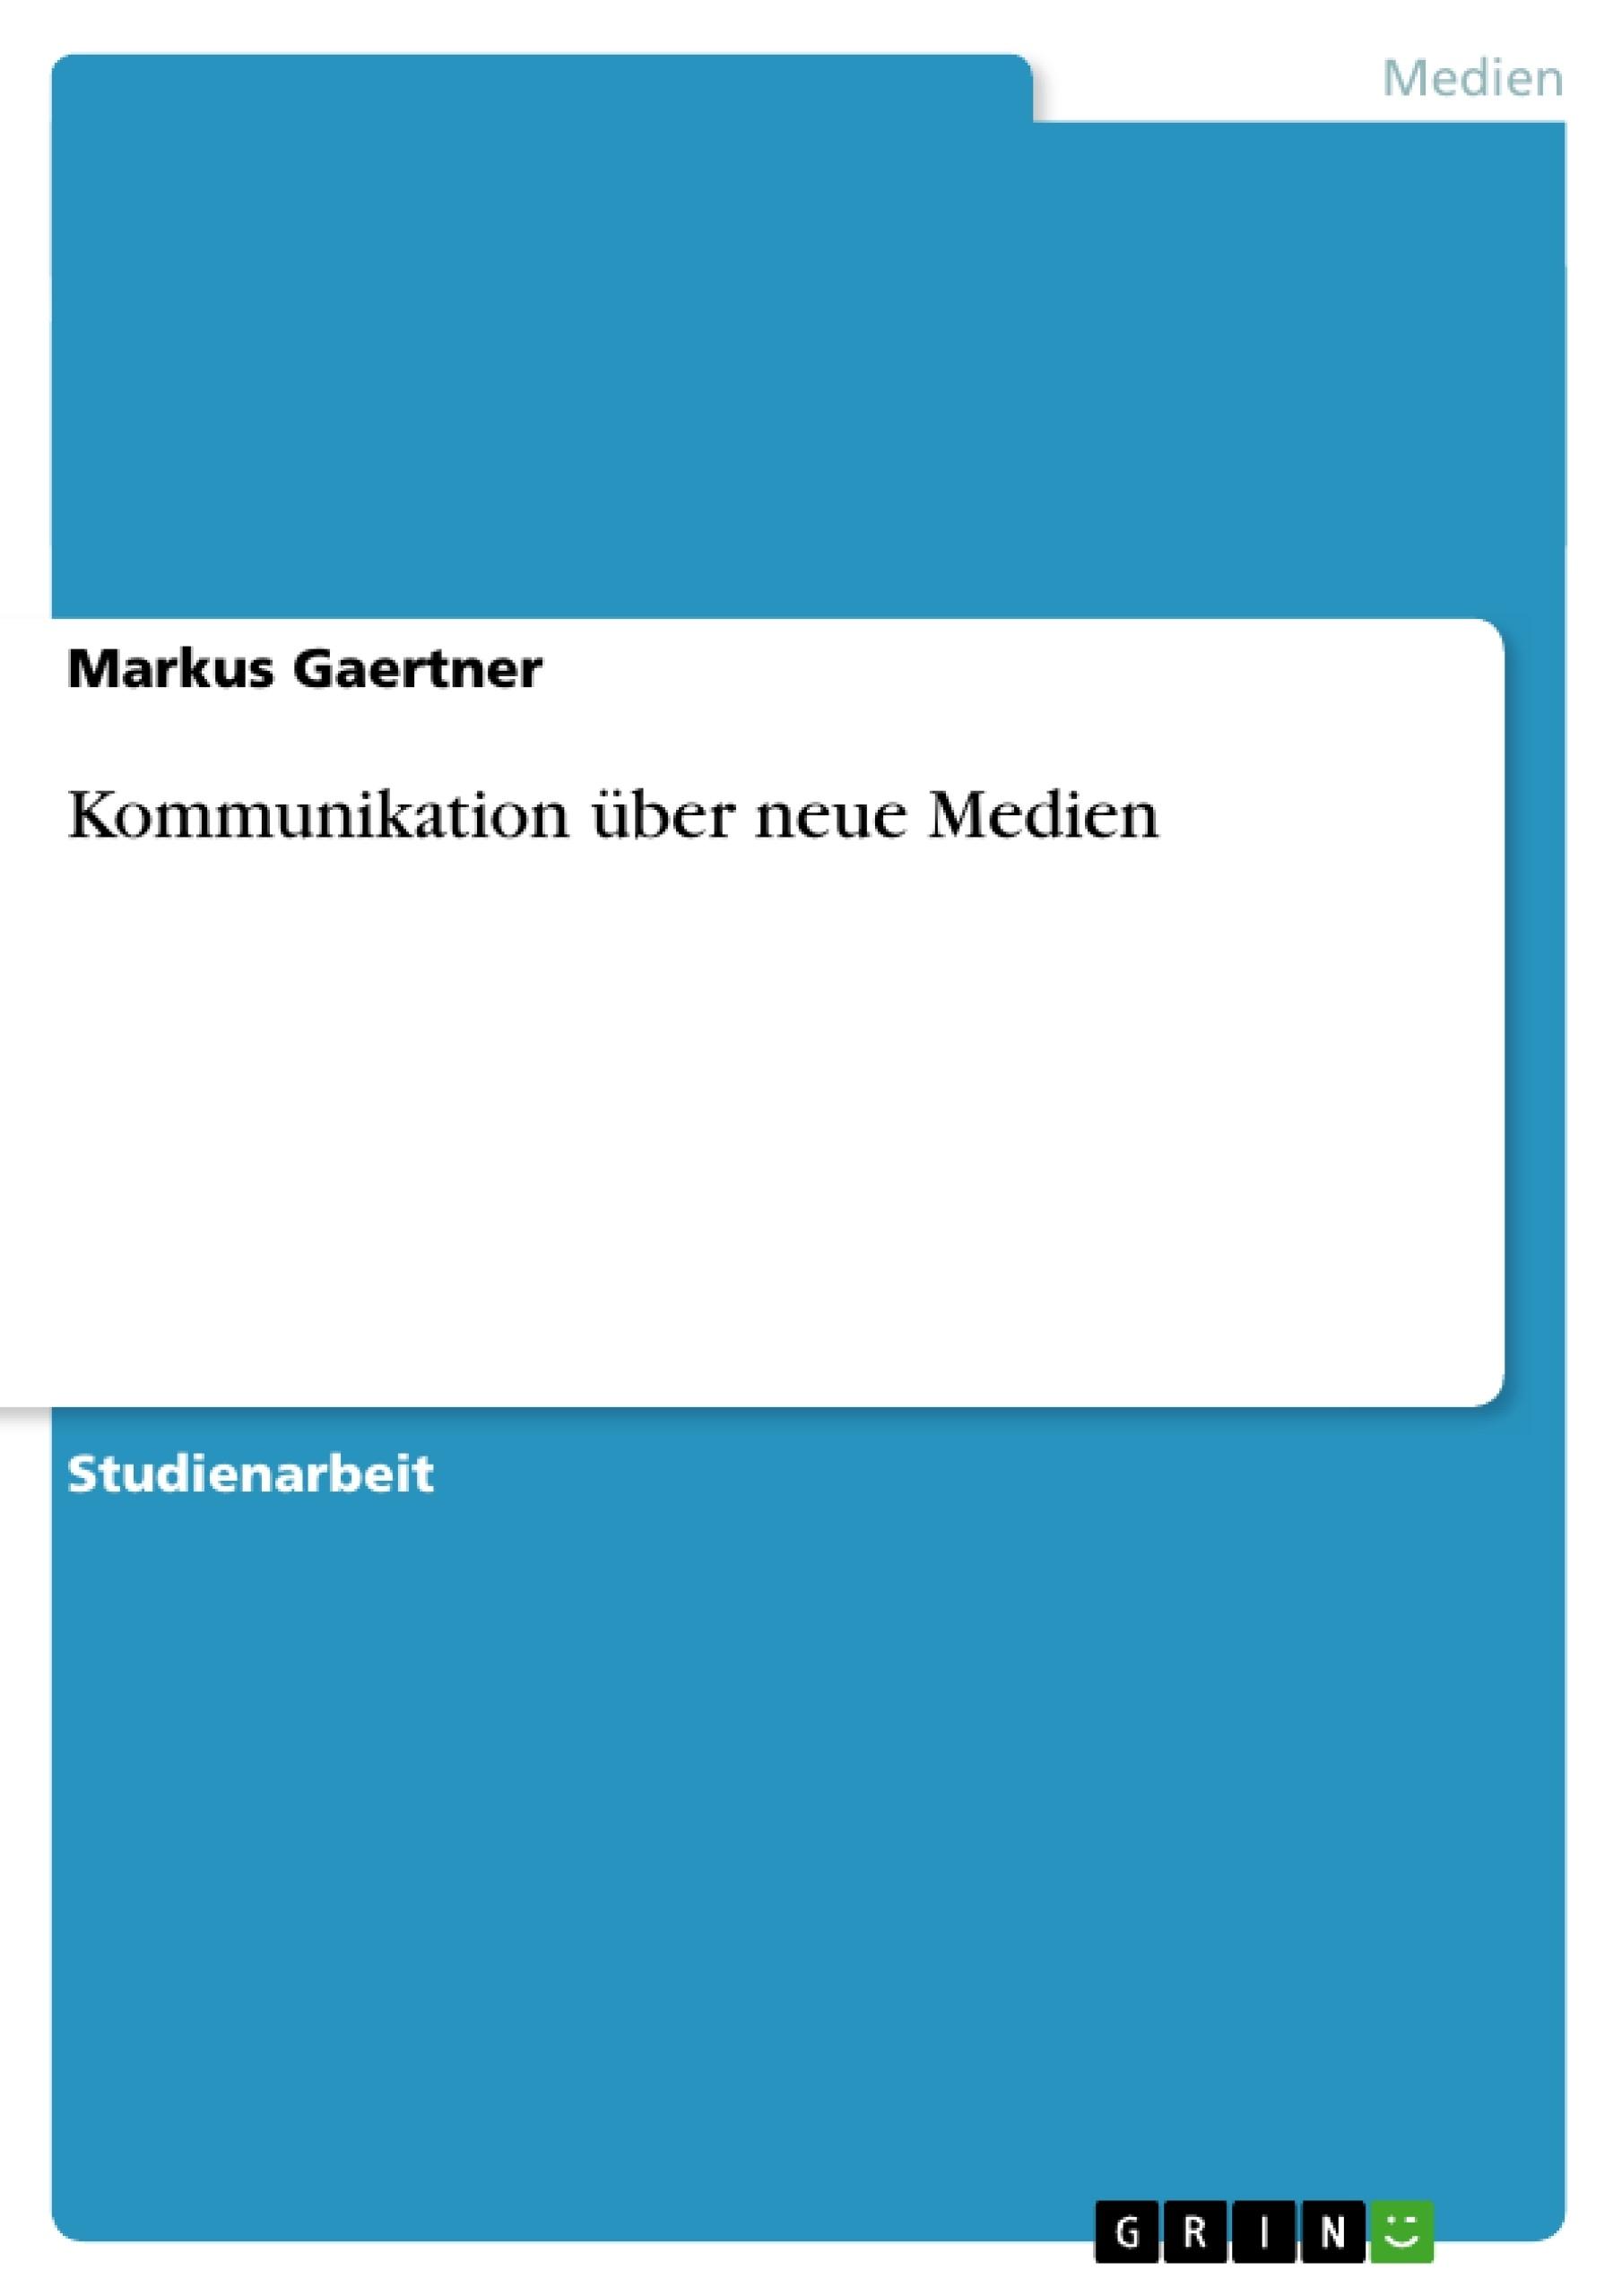 Titel: Kommunikation über neue Medien